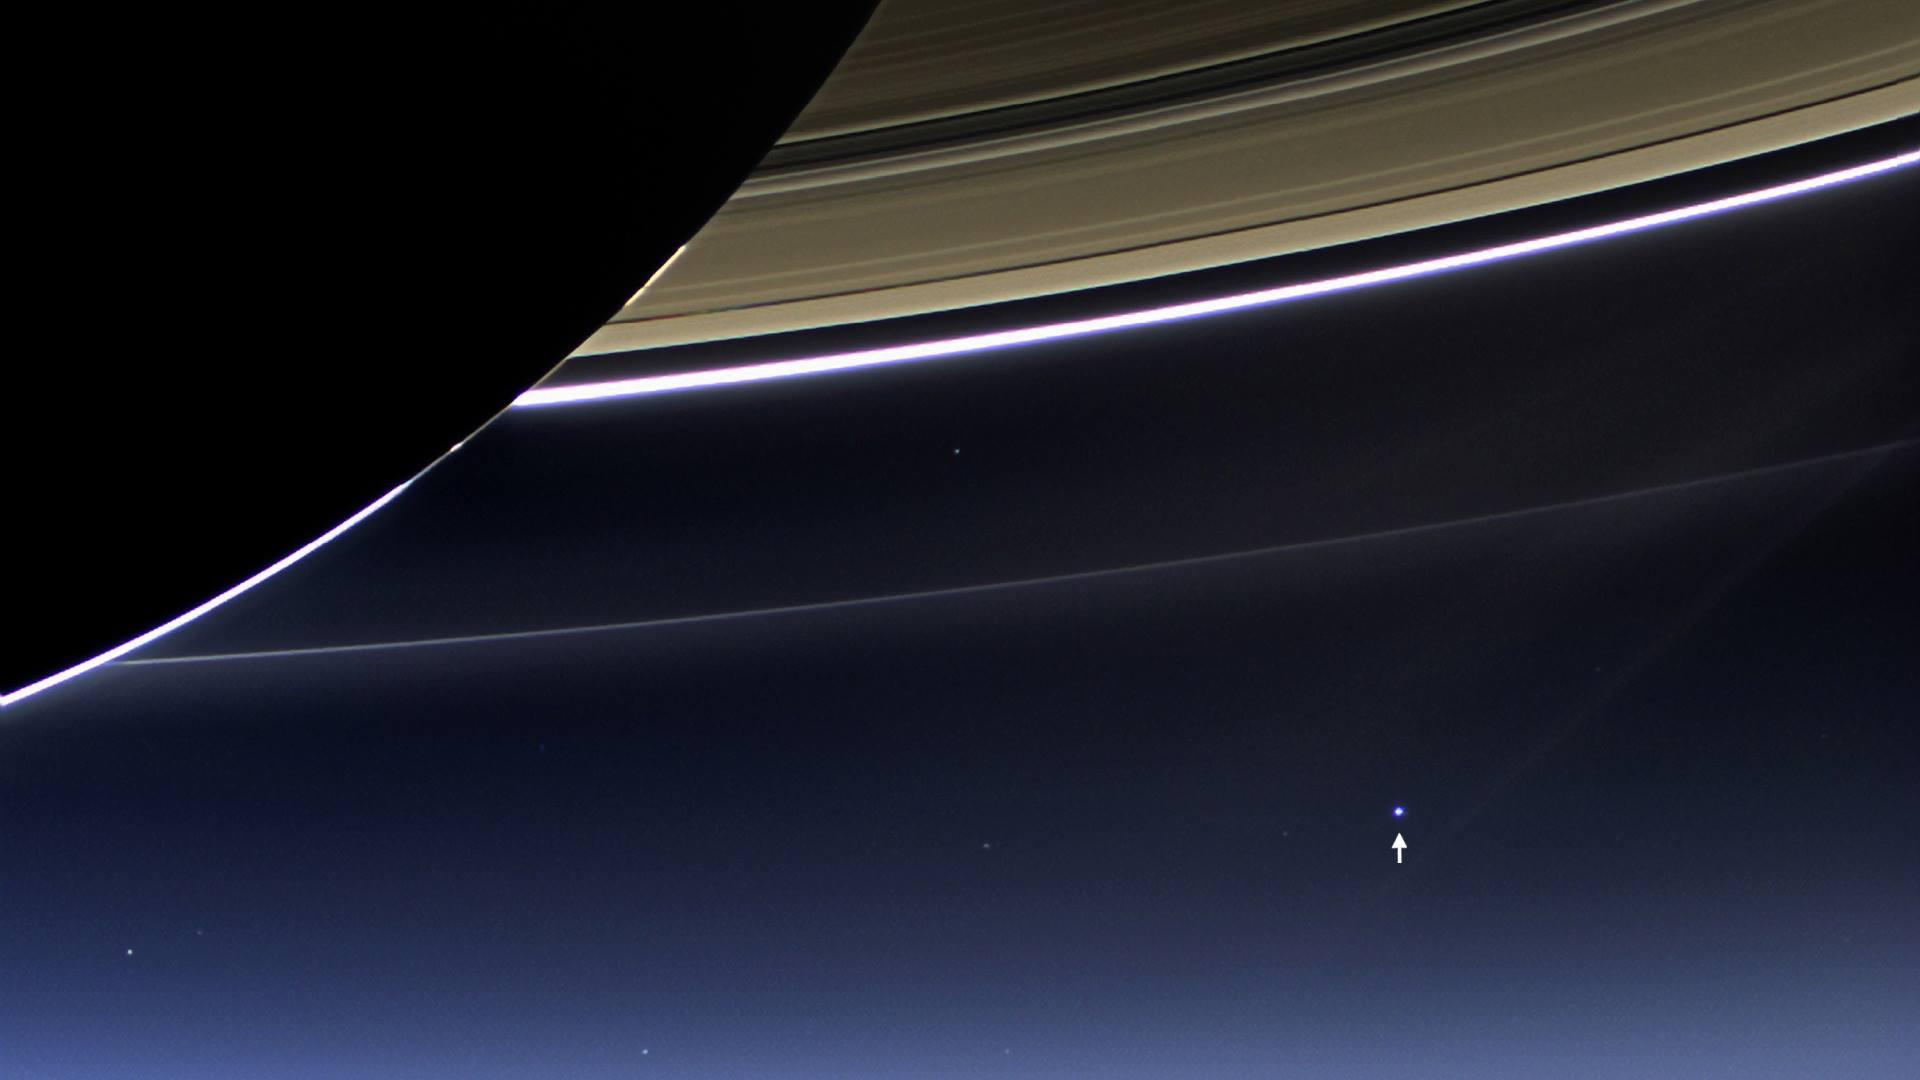 La Terre photographiée à plus d'un milliard de kilomètres